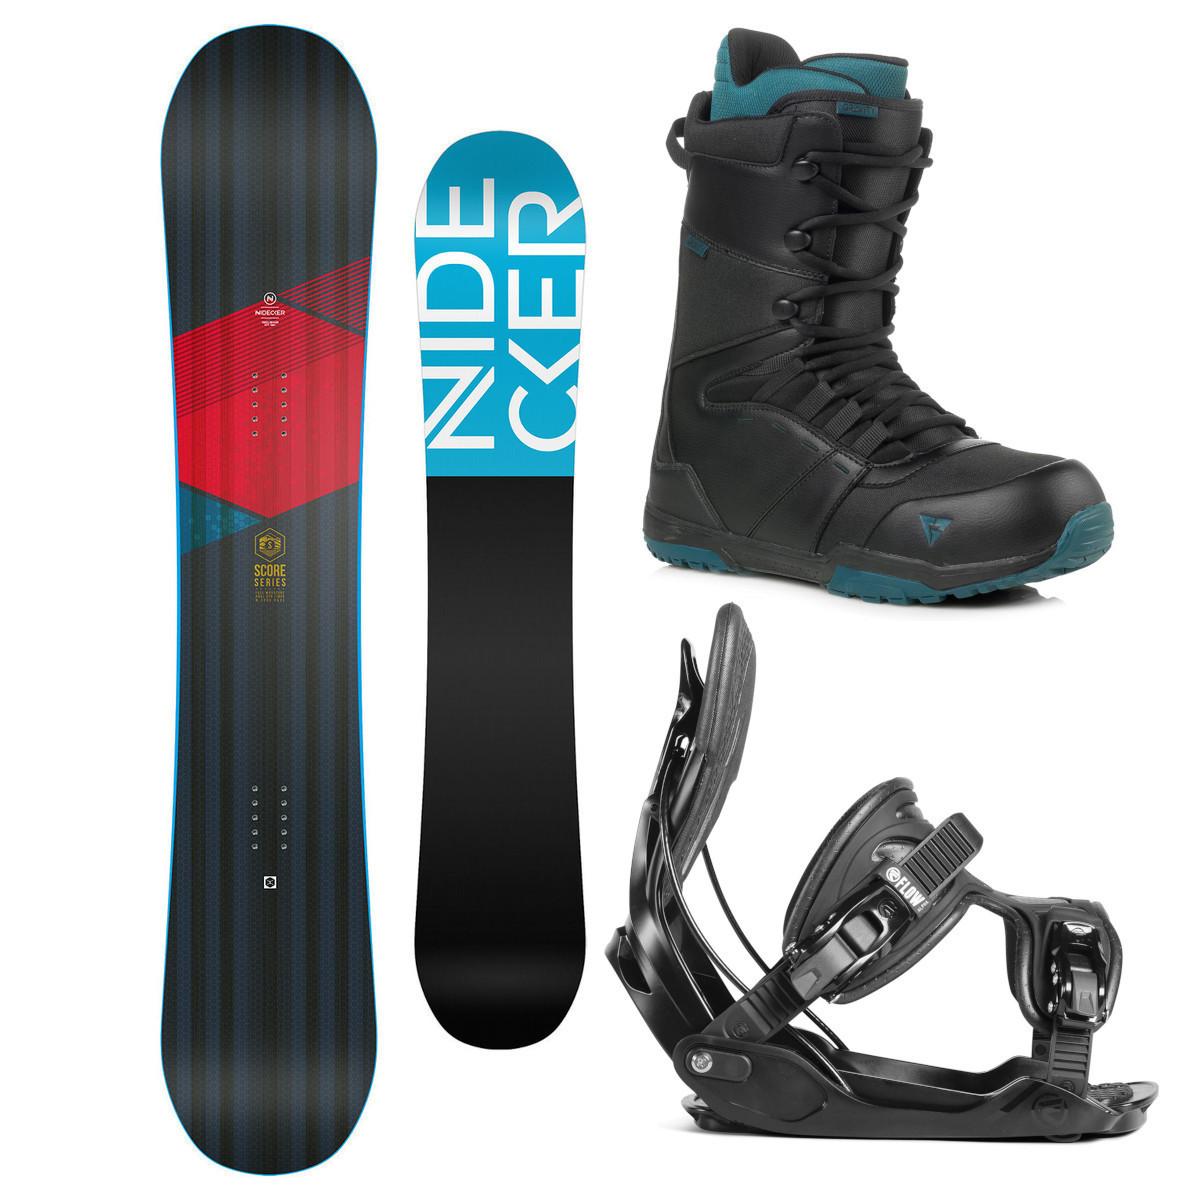 Snowboardový komplet Nidecker Score 17/18 XL (EU 44-49,5) 163XL